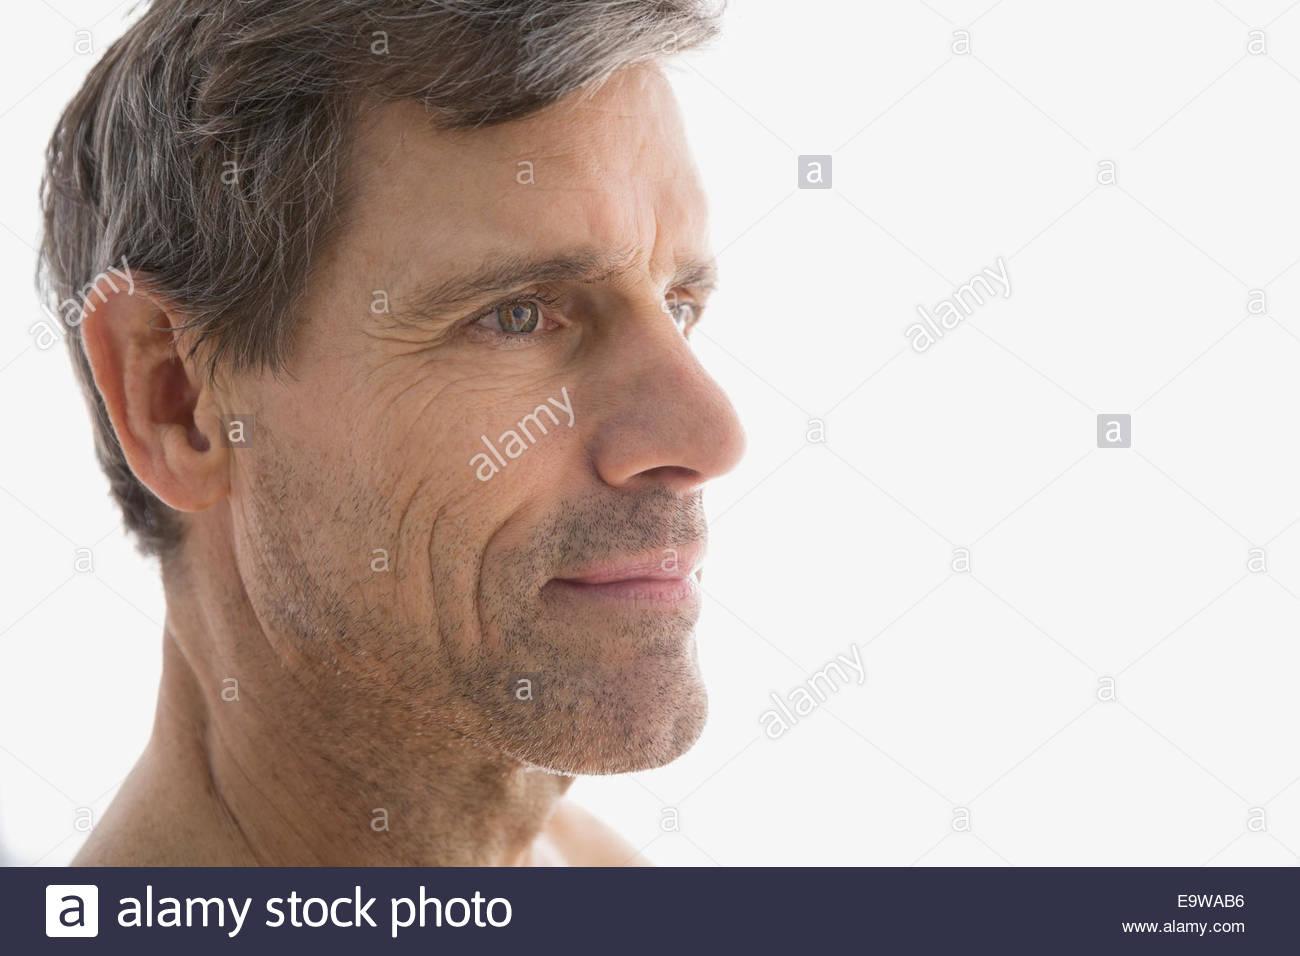 einen älteren Mann sehen